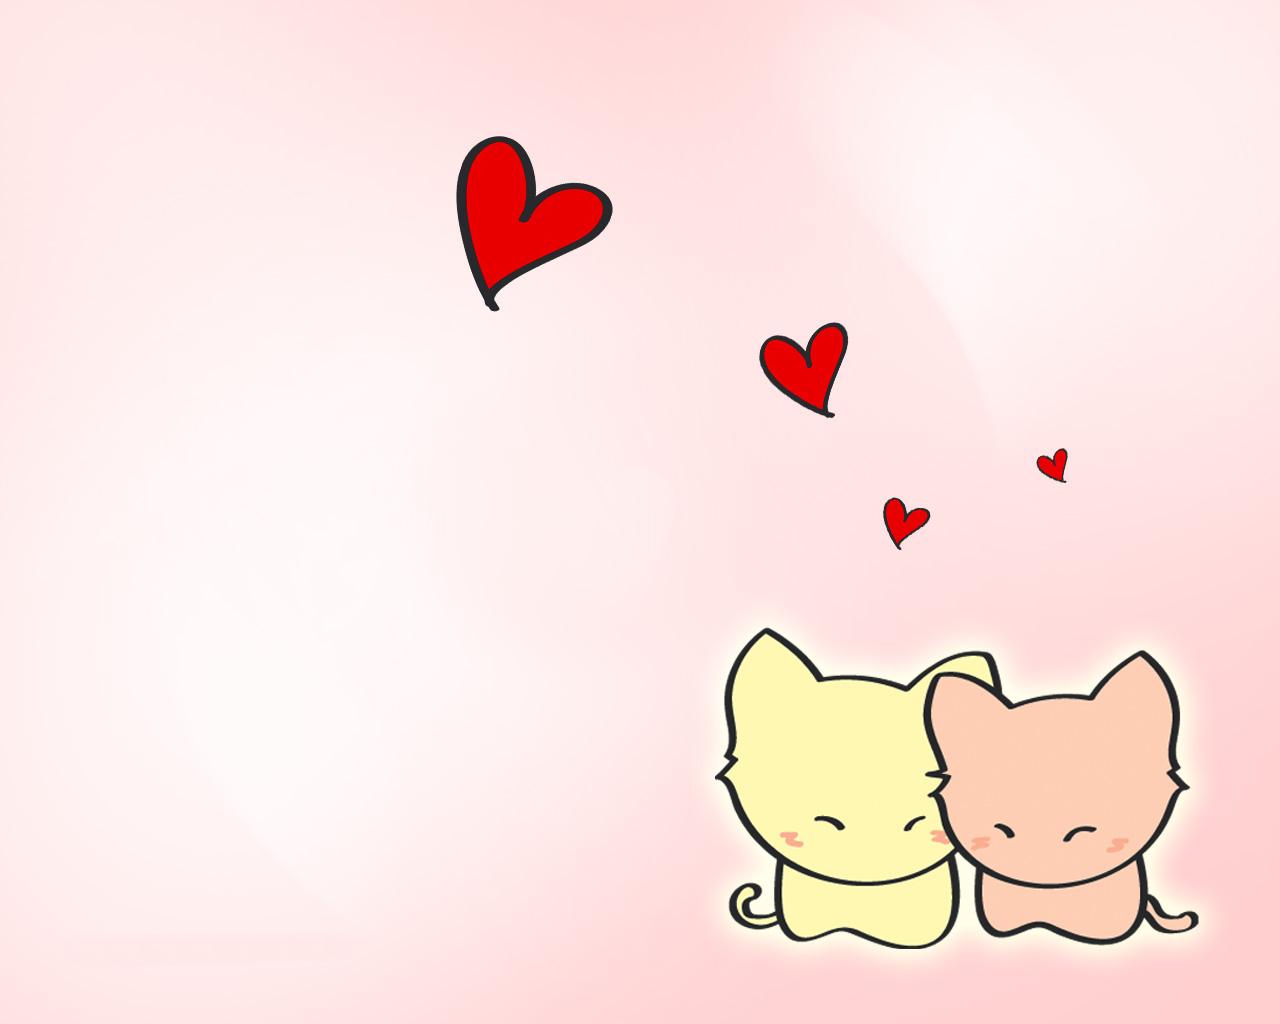 Нарисовать прикольную картинку про любовь, мой любимый воспитатель